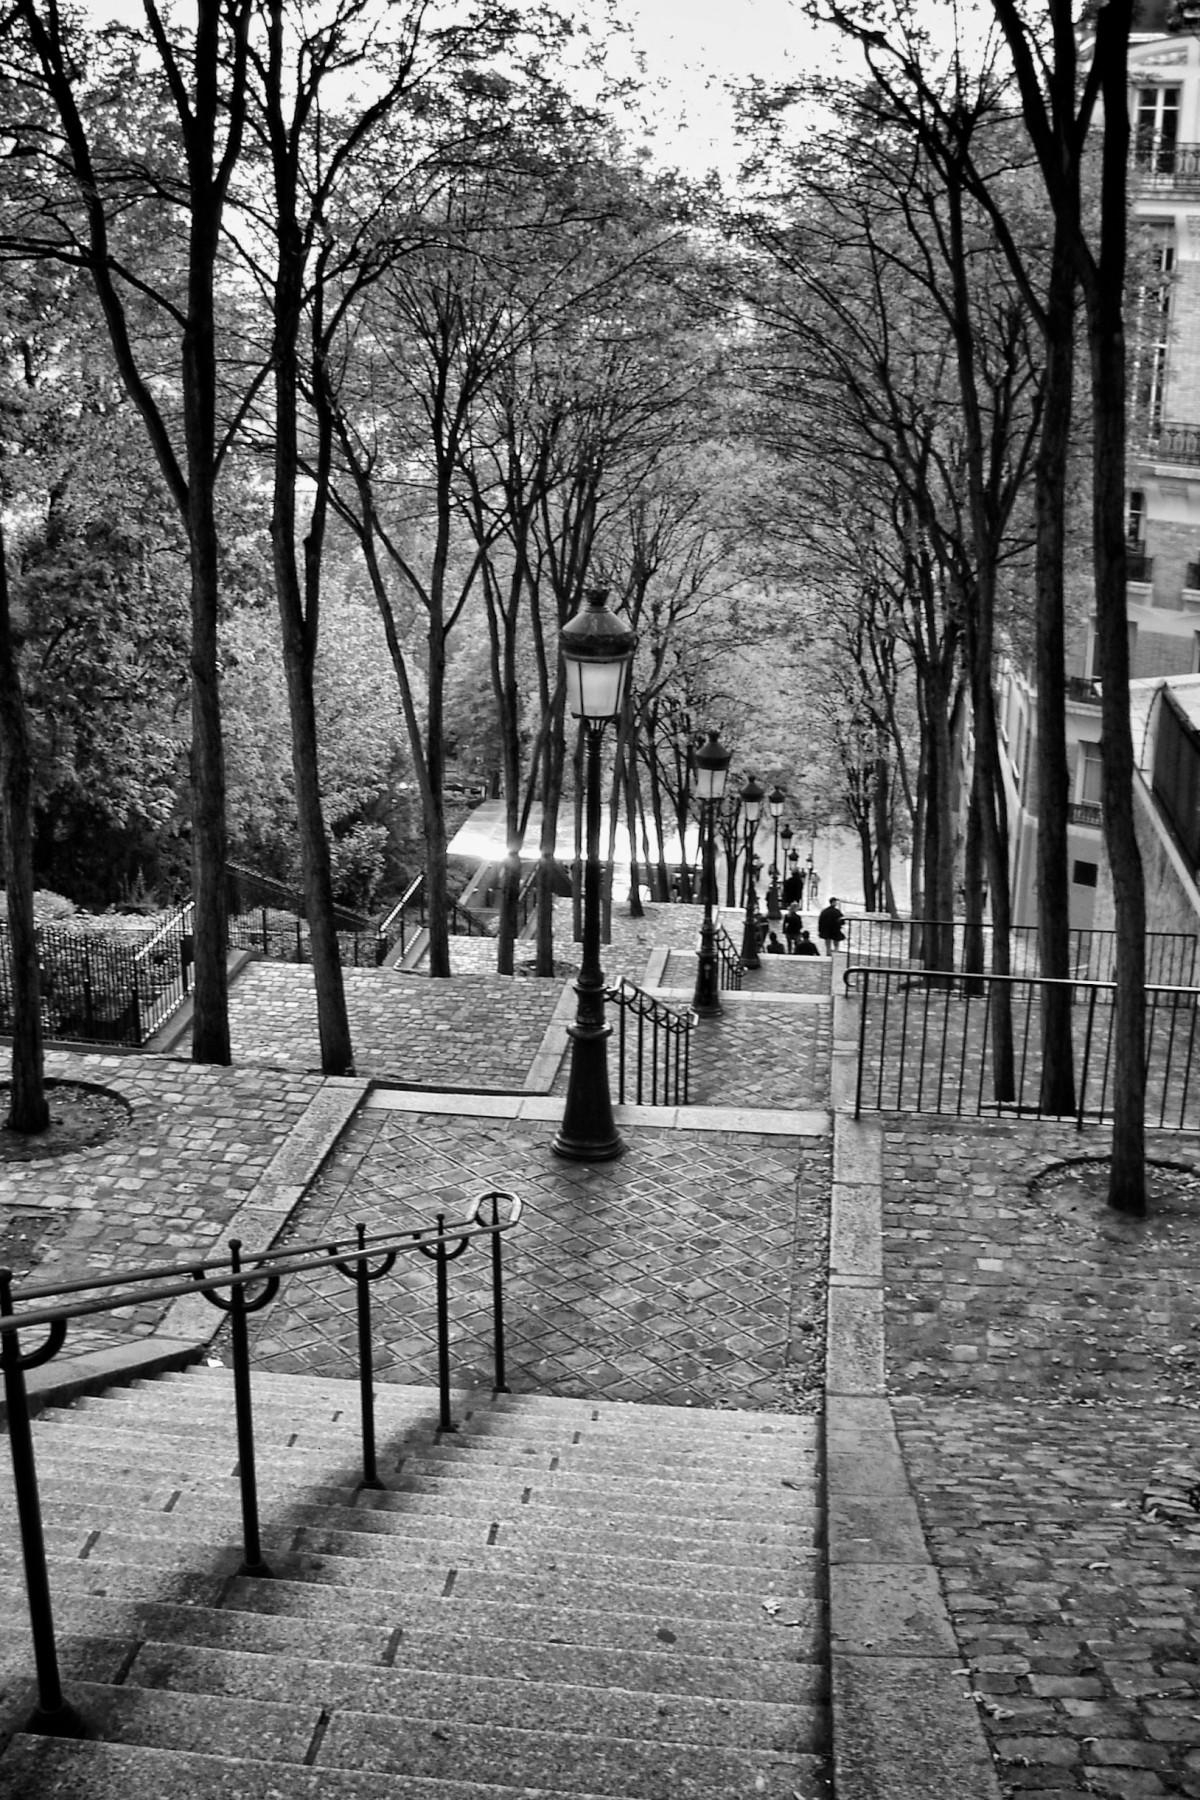 árbol invierno en blanco y negro arquitectura la carretera calle fotografía colina ciudad París urbano turista viajar Francia Europa punto de referencia monocromo temporada escalera infraestructura famoso Montmartre área urbana Fotografía monocroma Asentamiento humano Planta leñosa